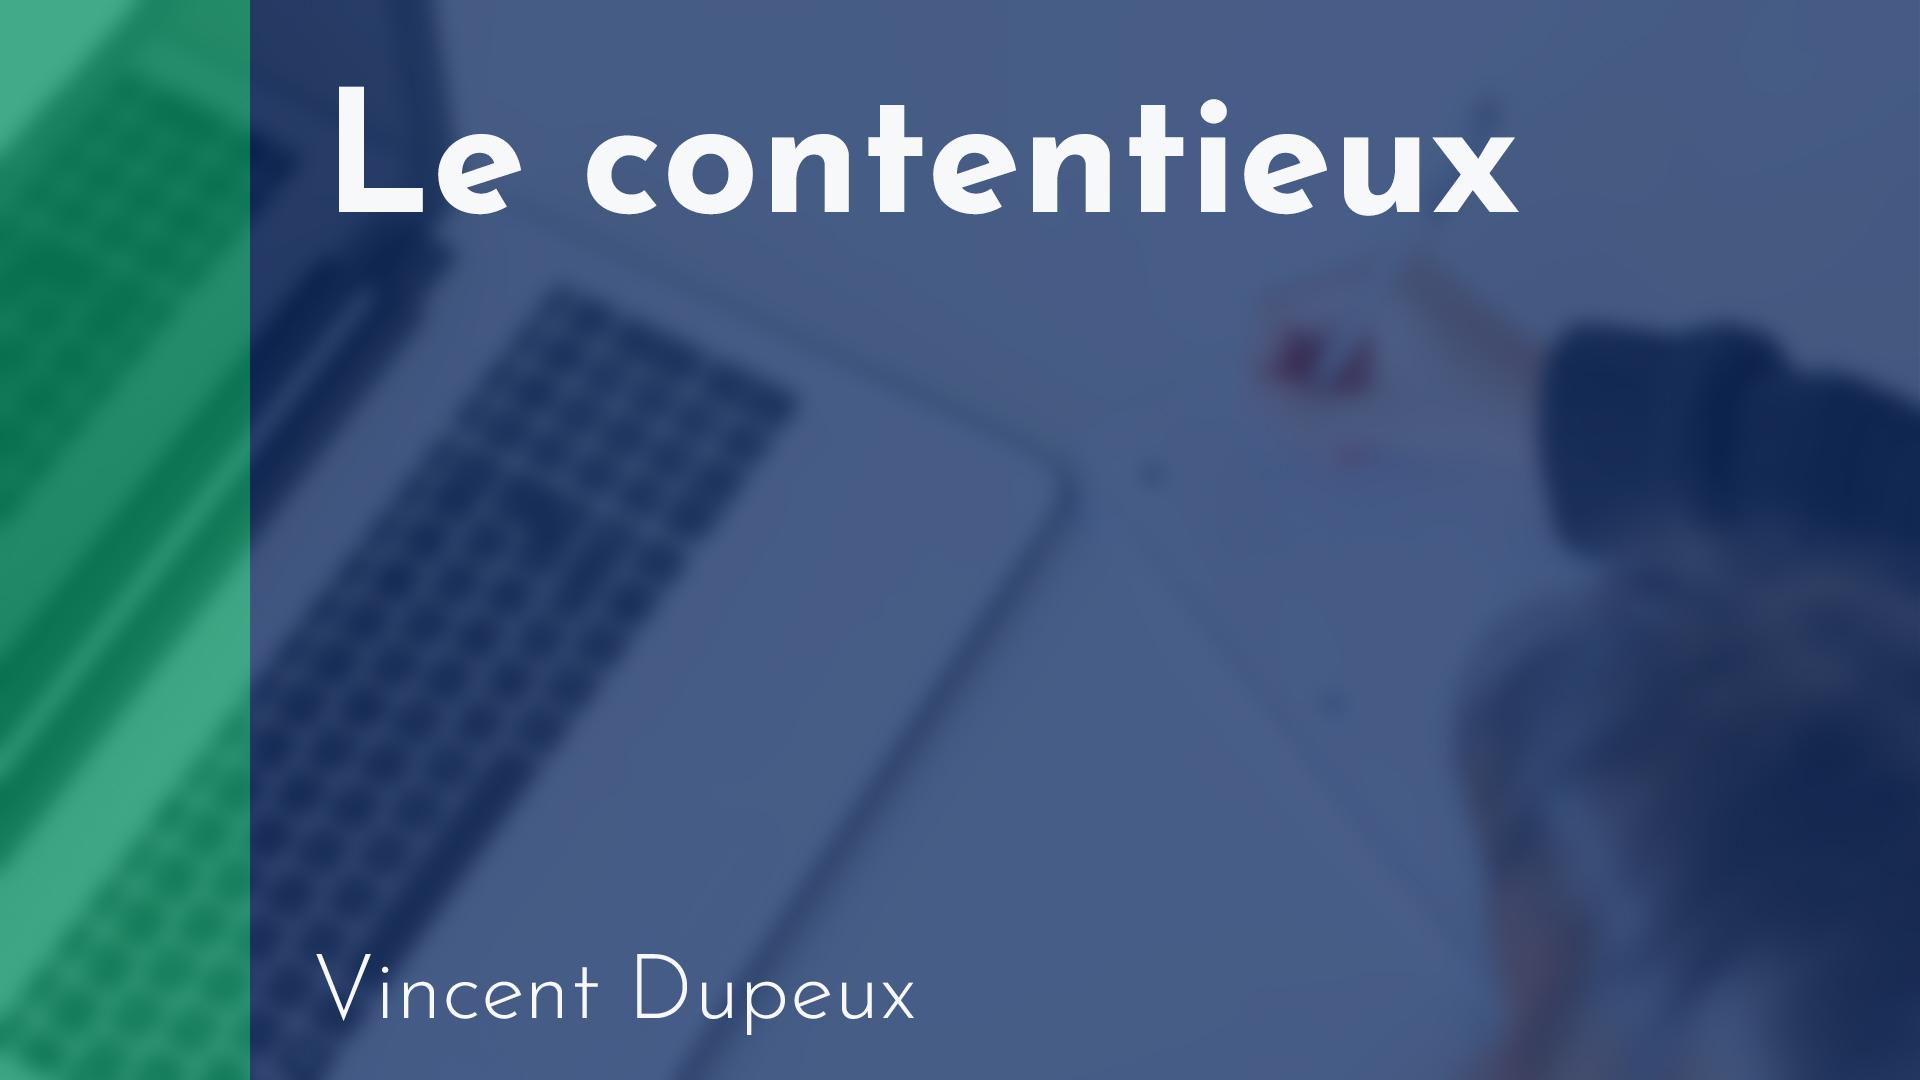 Gérance - Le contentieux - Vincent Dupeux